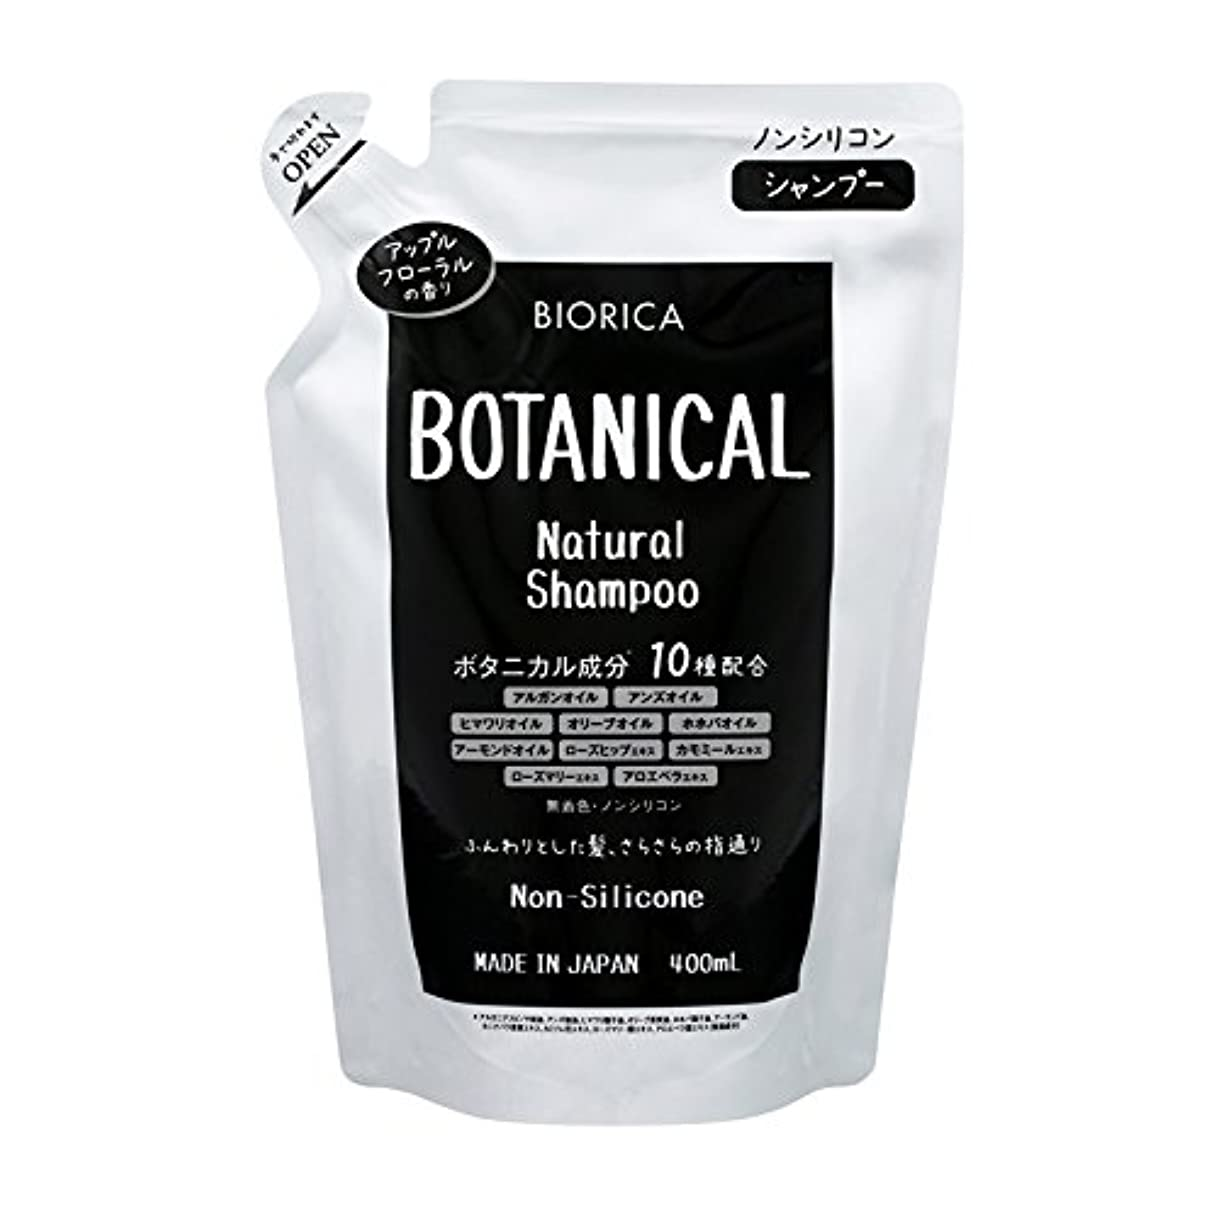 壮大円形シネウィBIORICA ビオリカ ボタニカル ノンシリコン シャンプー 詰め替え アップルフローラルの香り 400ml 日本製